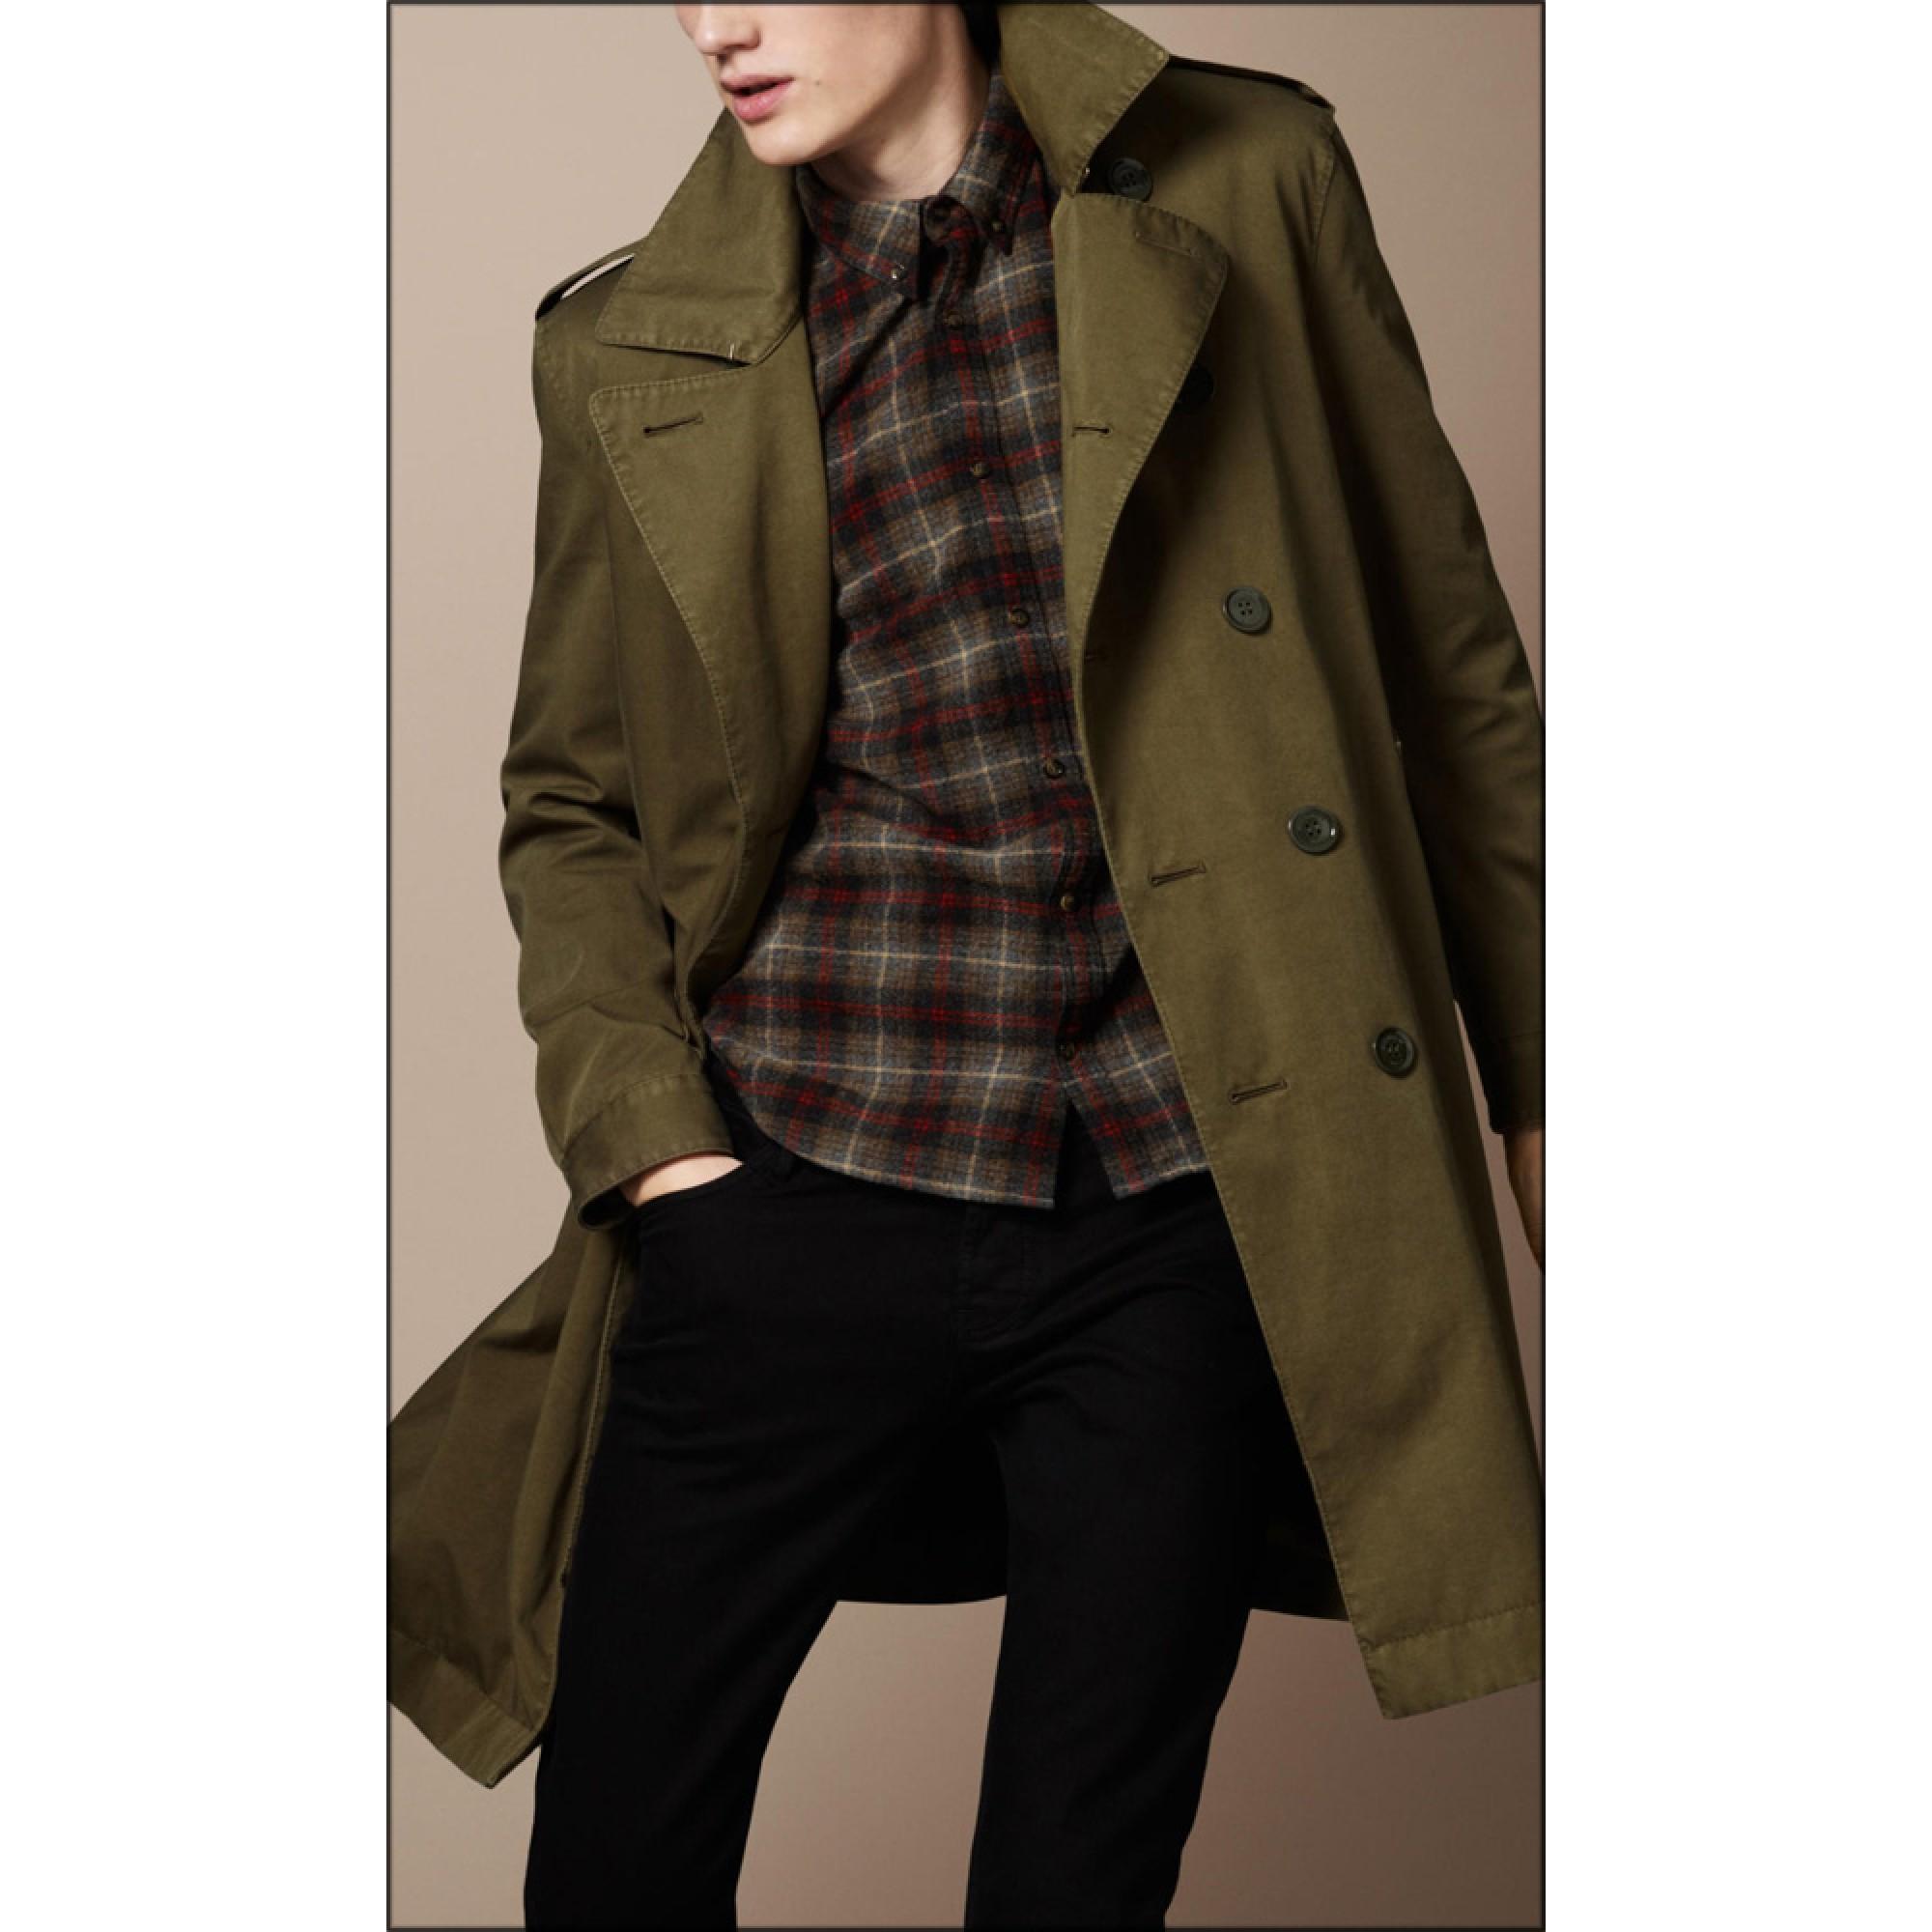 Купить стильное мужское пальто Burberry — в Киеве 30ff4c3e72db0